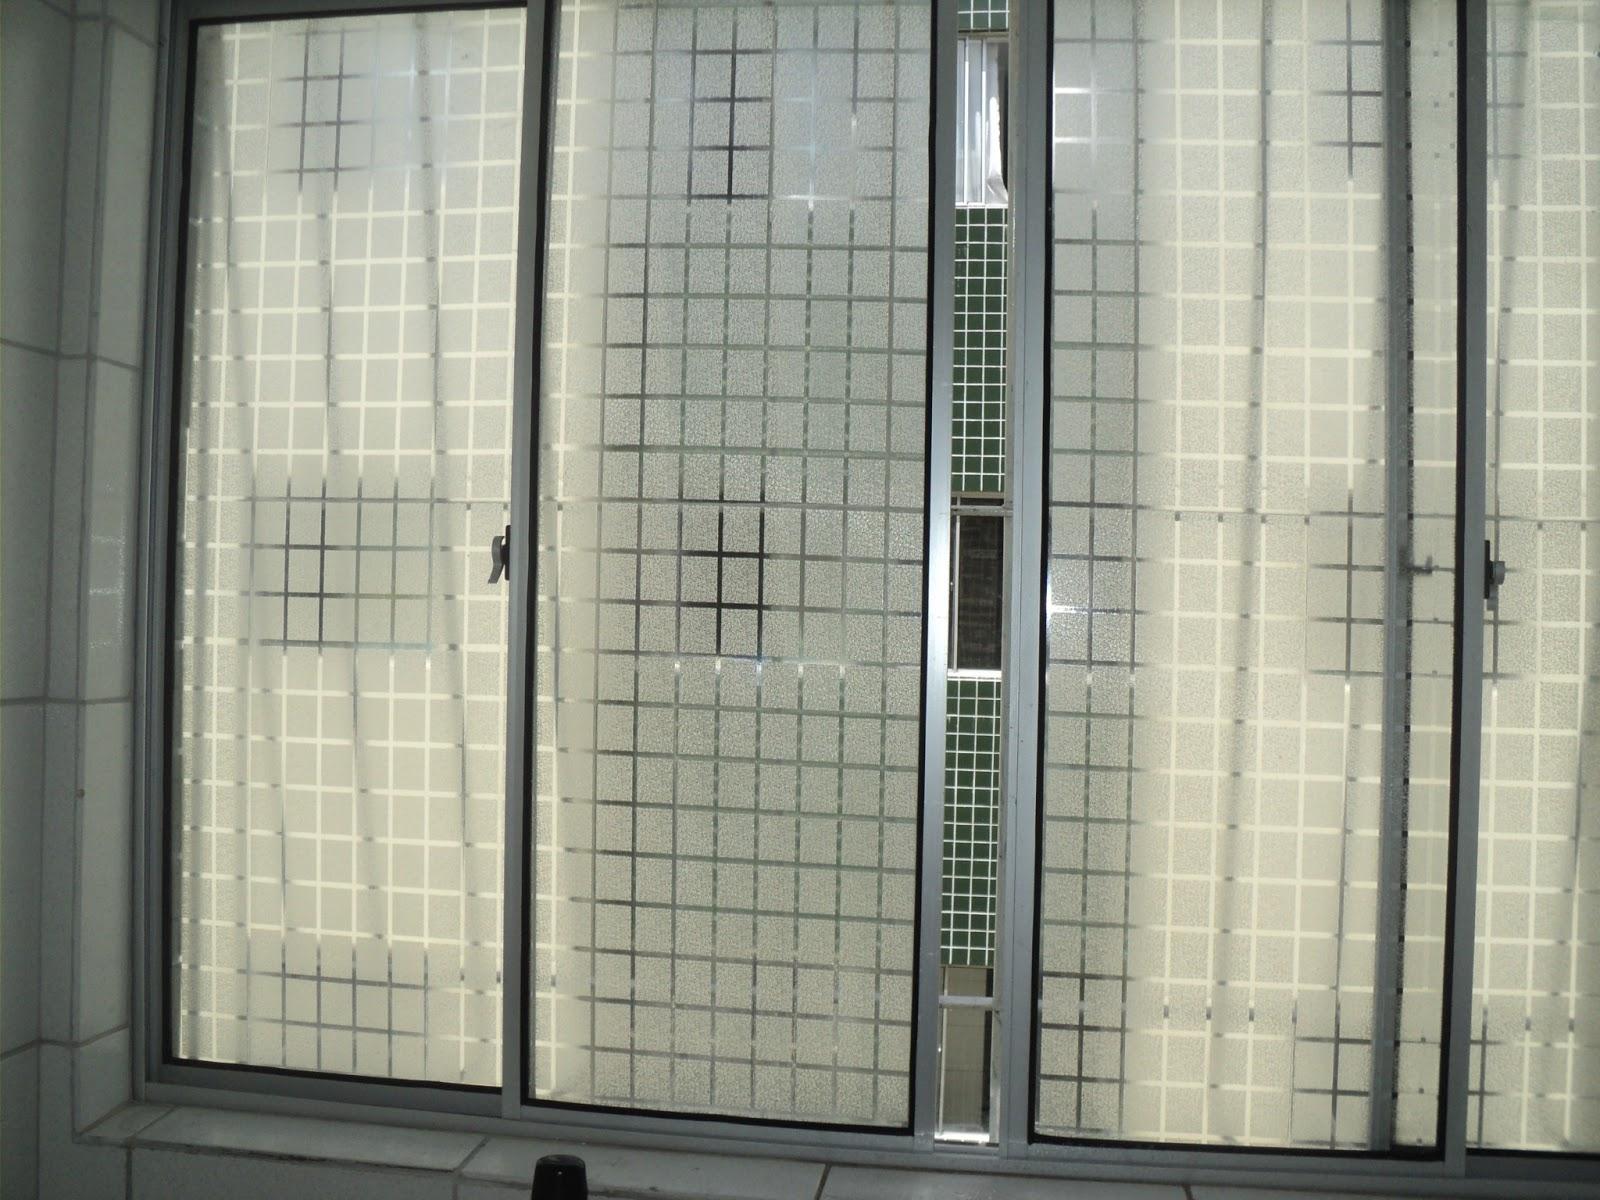 #757556  : Adesivo jateado quadriculado em Recife Camaragibe Olinda Paulista 268 Janelas De Vidro Recife